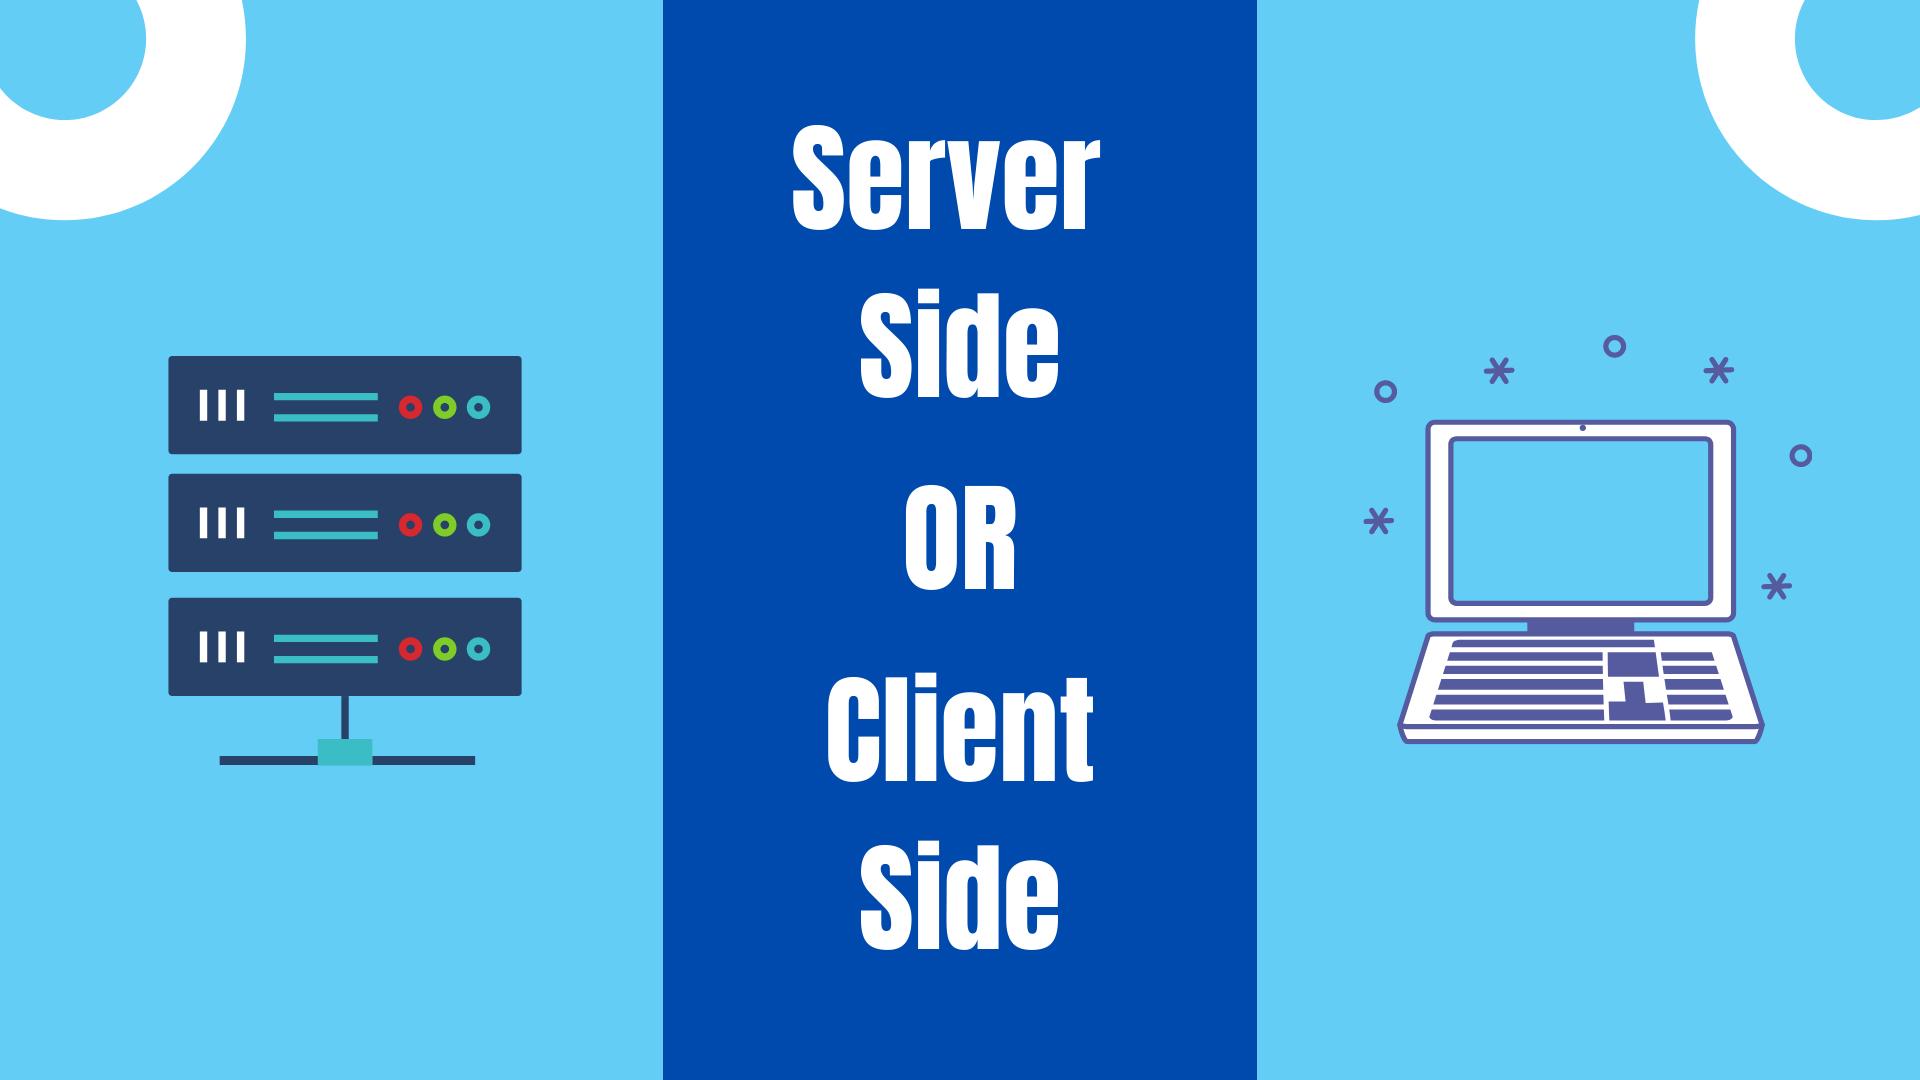 Server Side vs Client Side